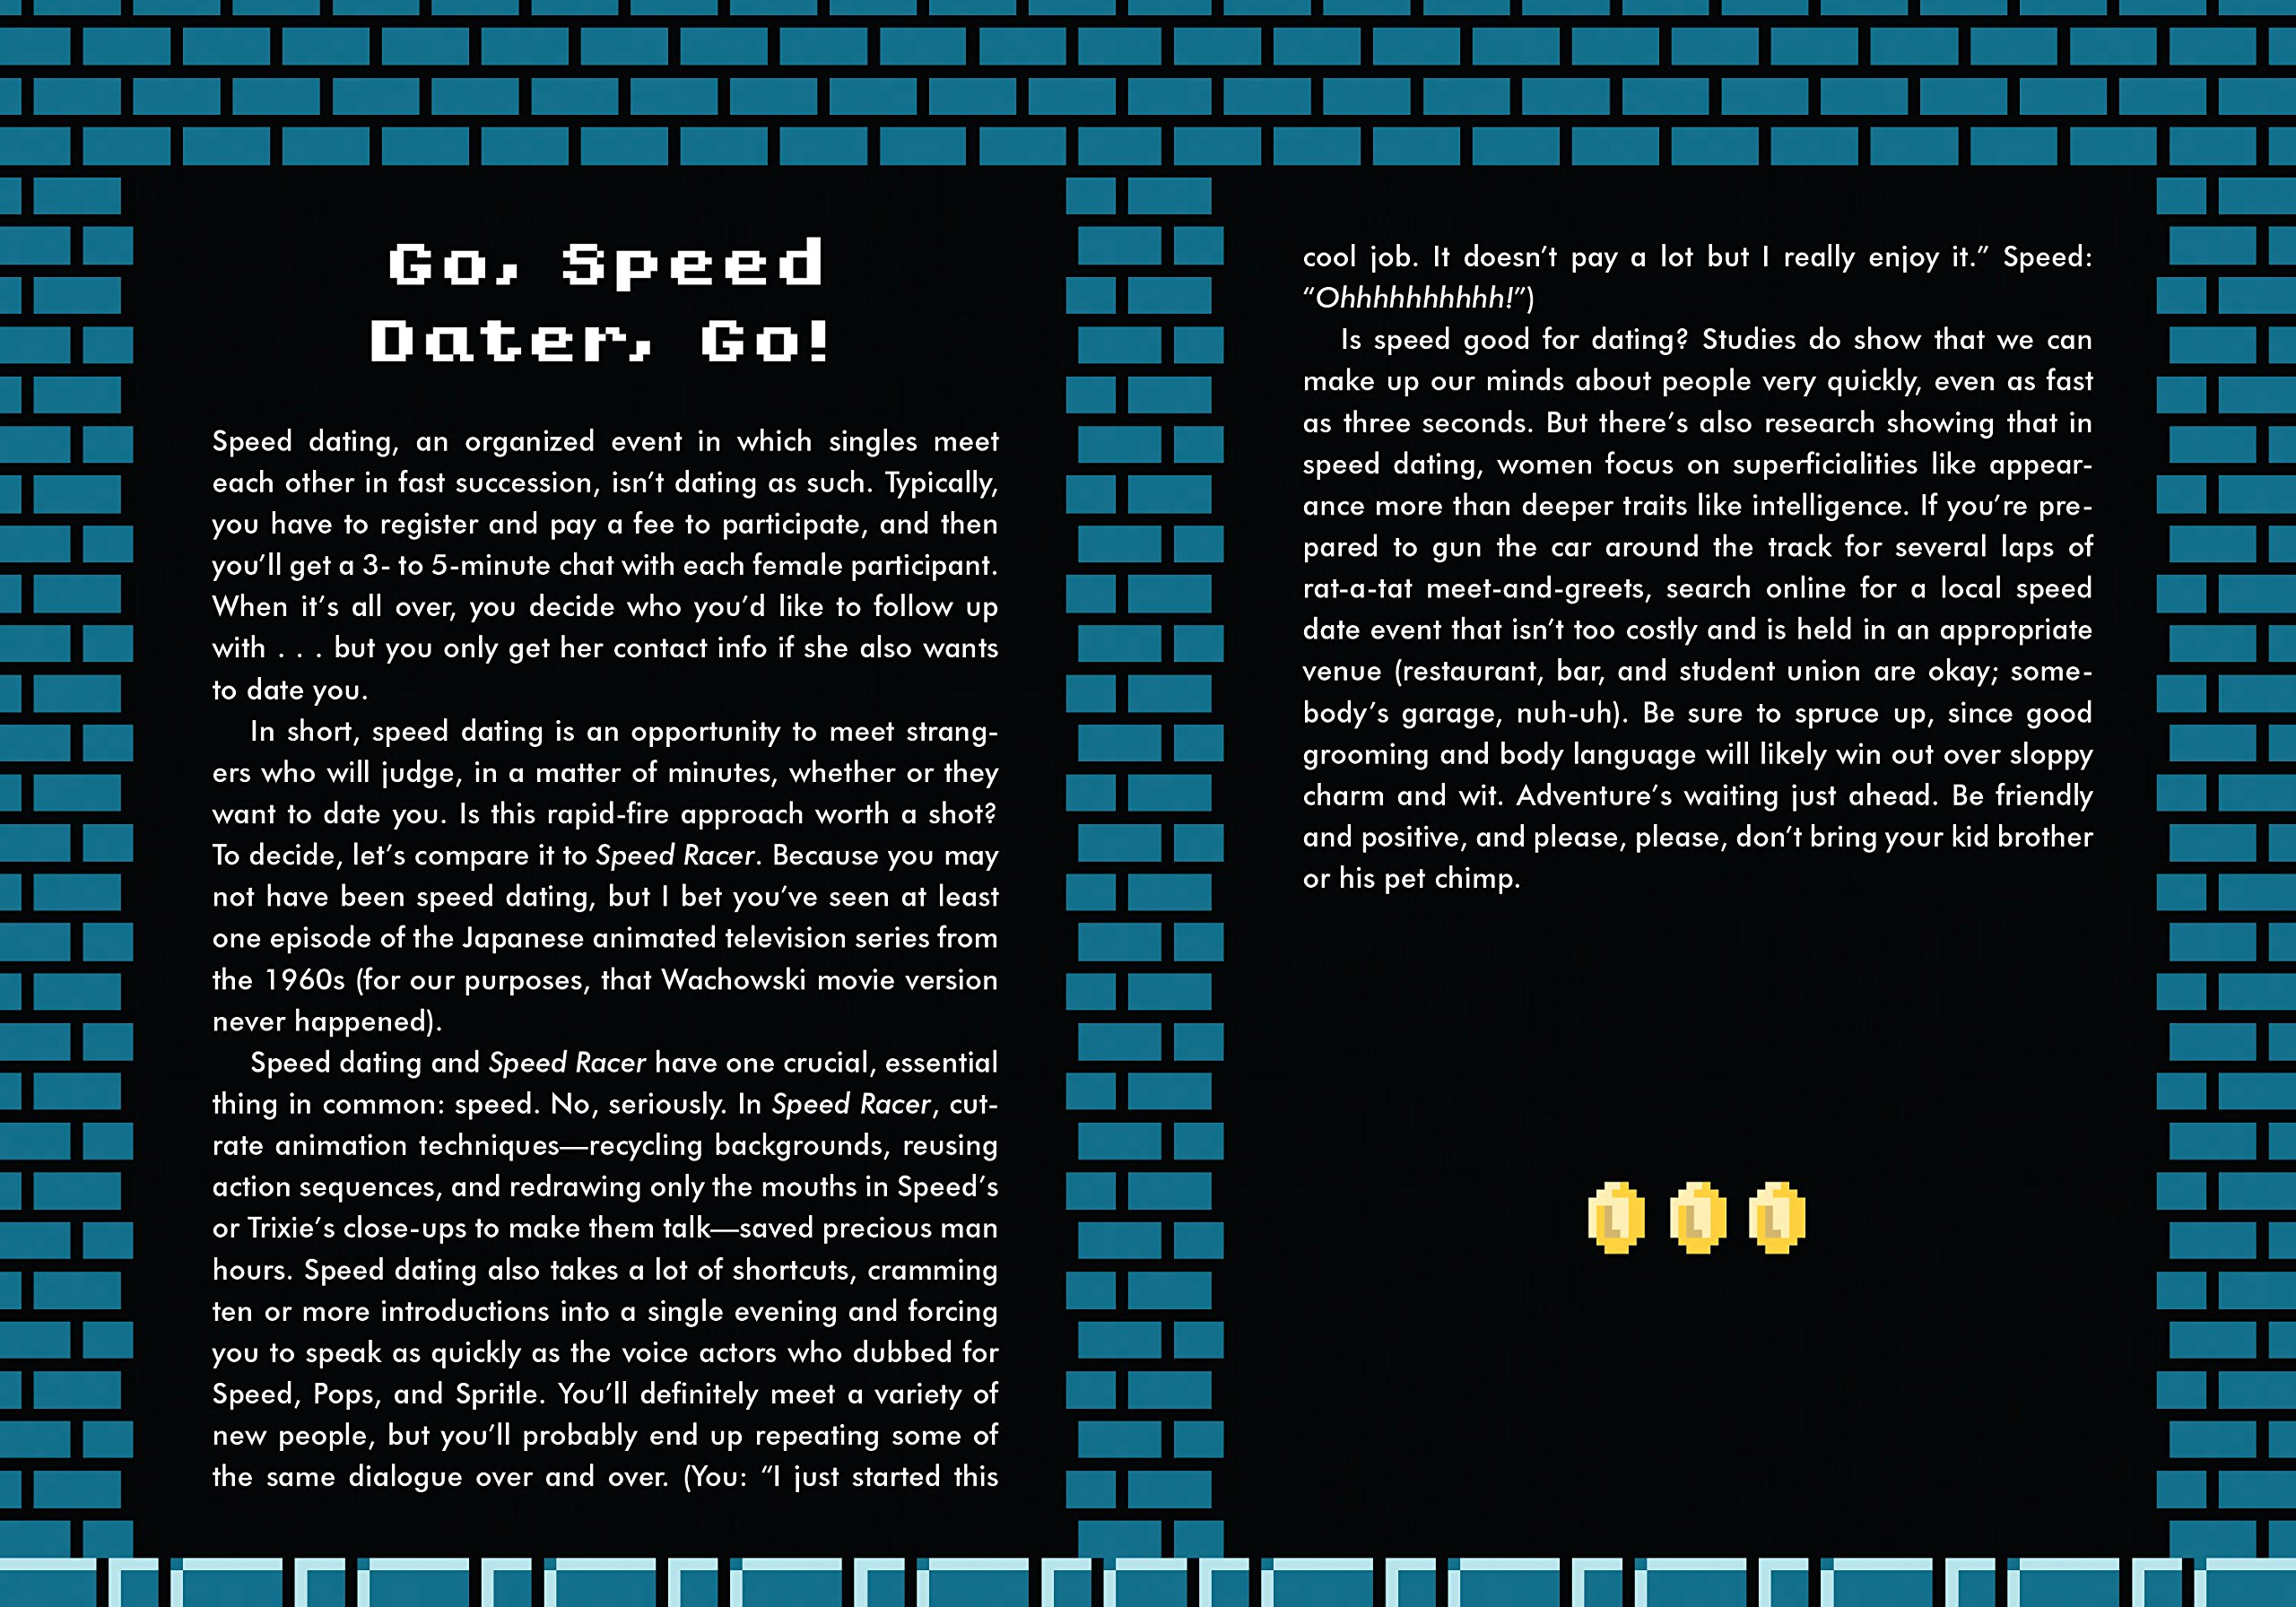 Geek s guide to dating pdf writer